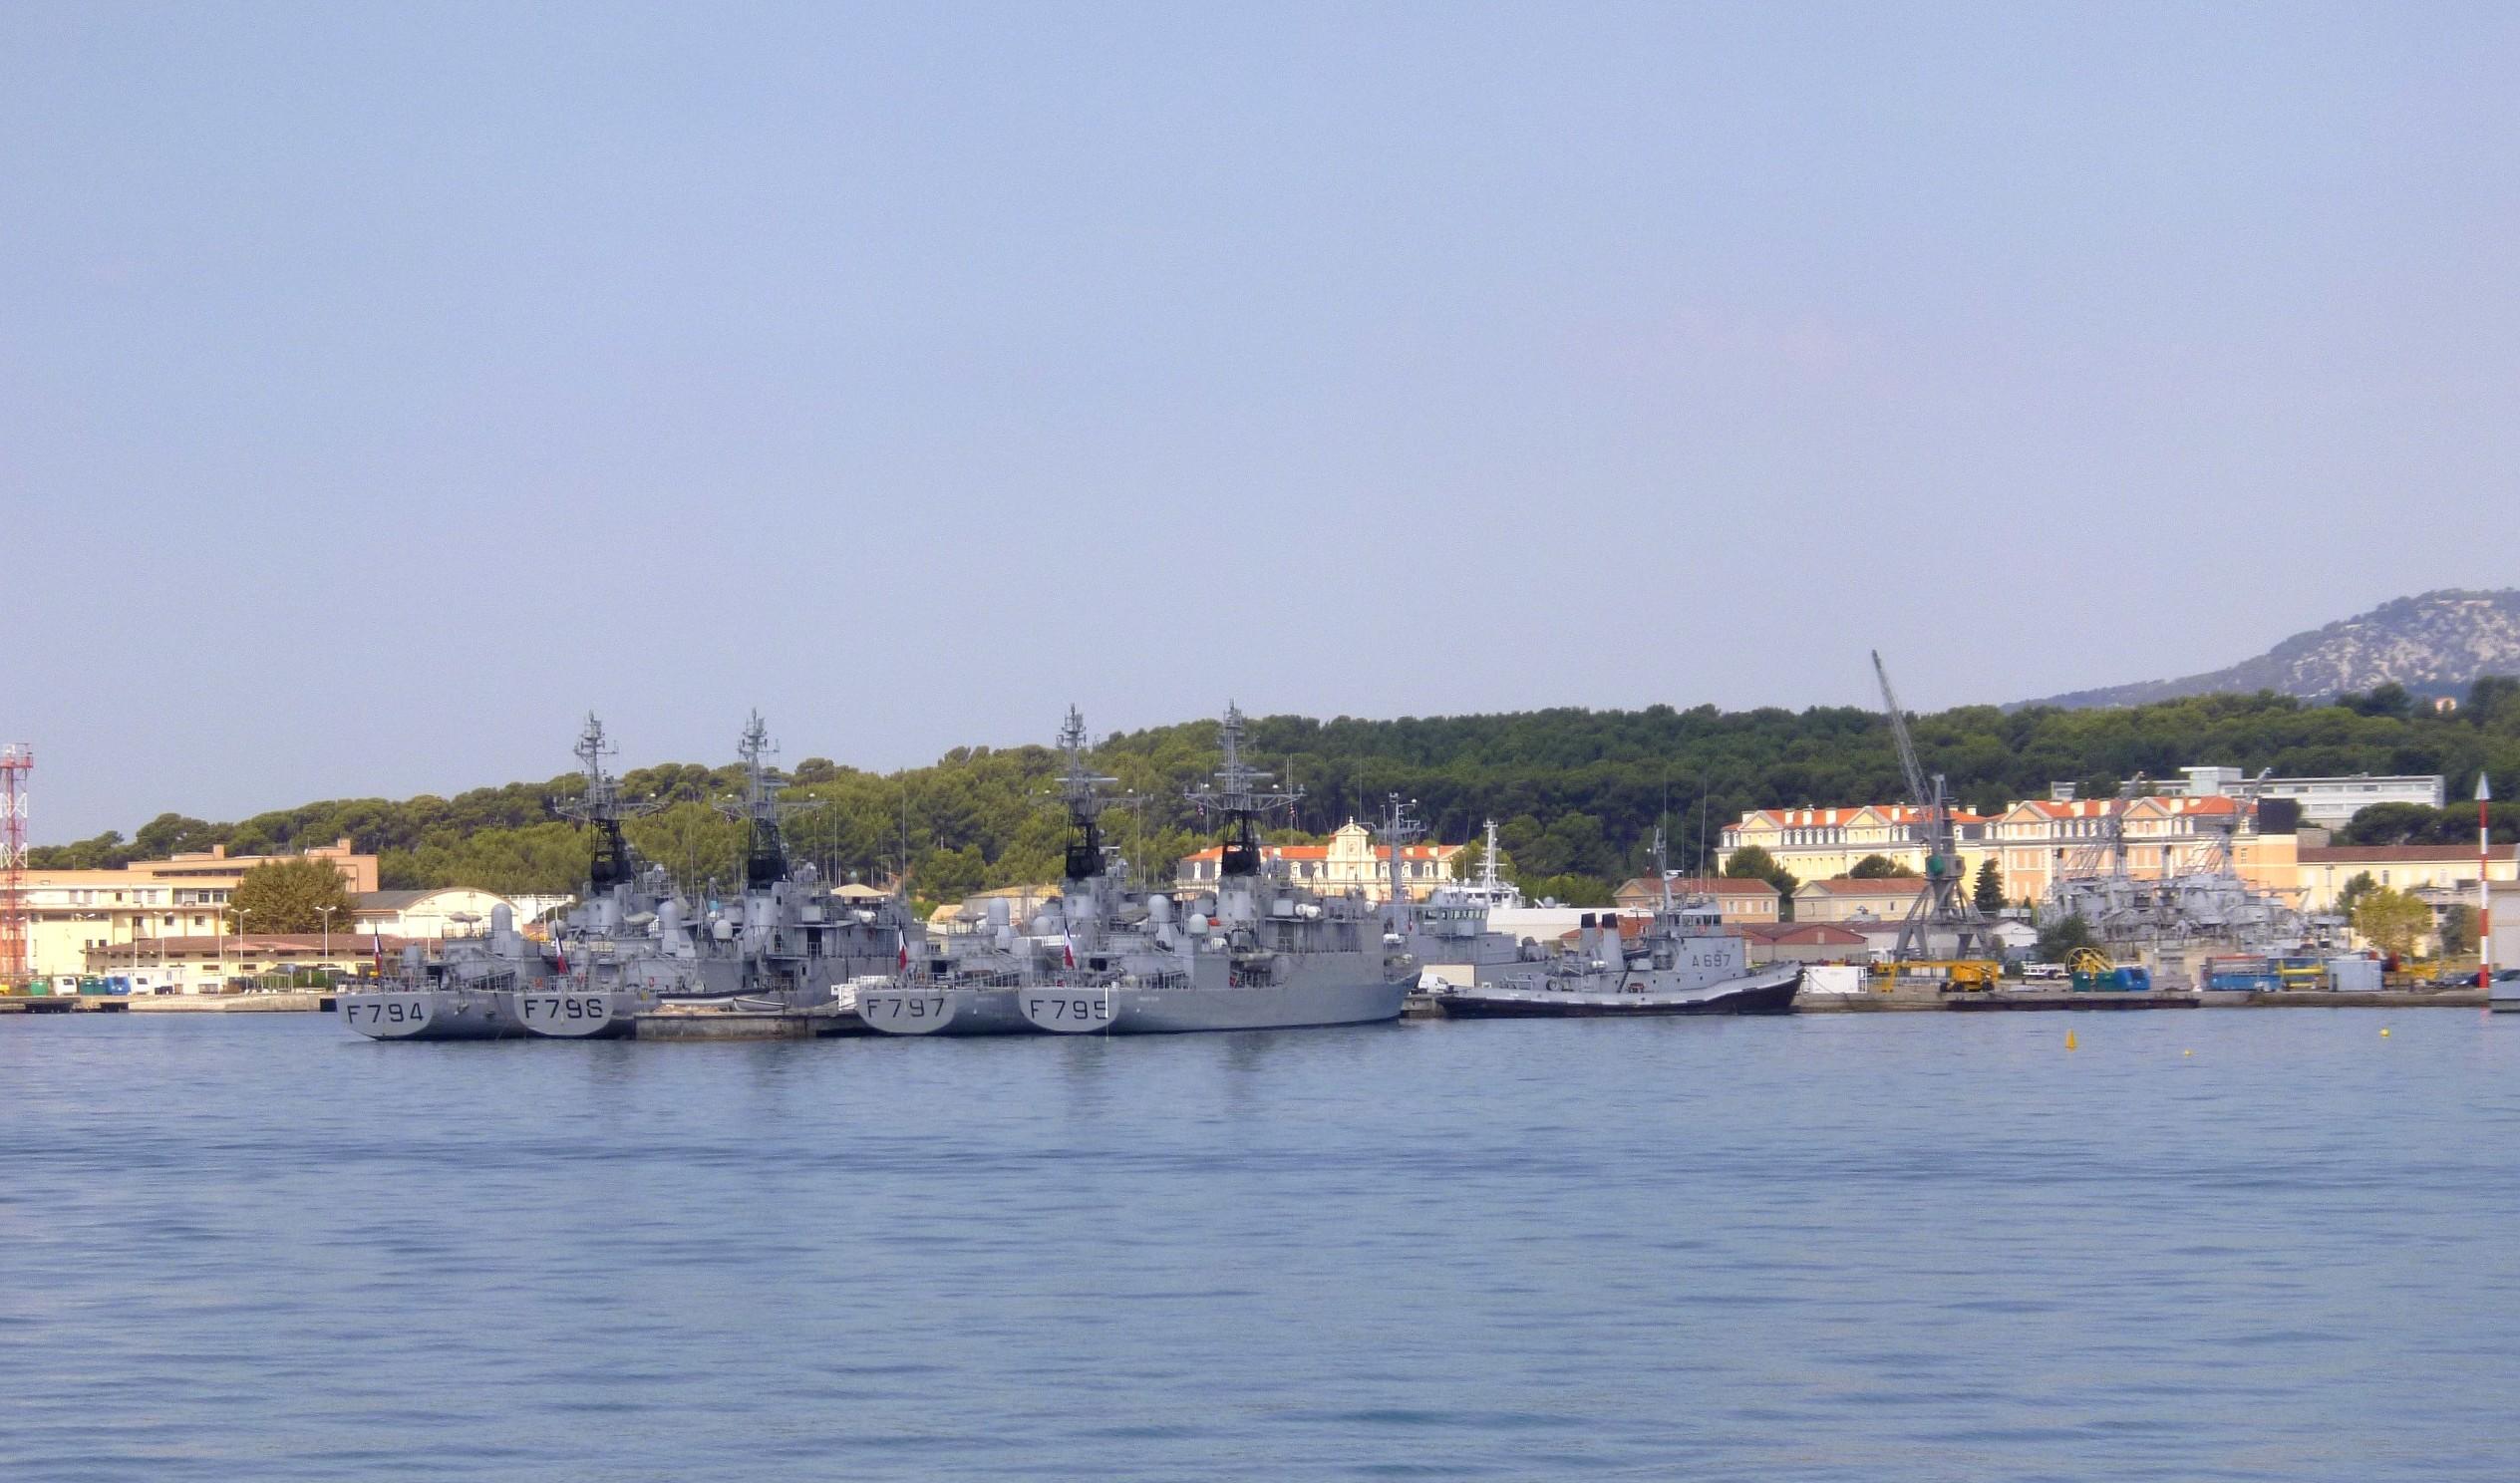 Les news en images du port de TOULON - Page 36 9565091184_83d318bca3_o